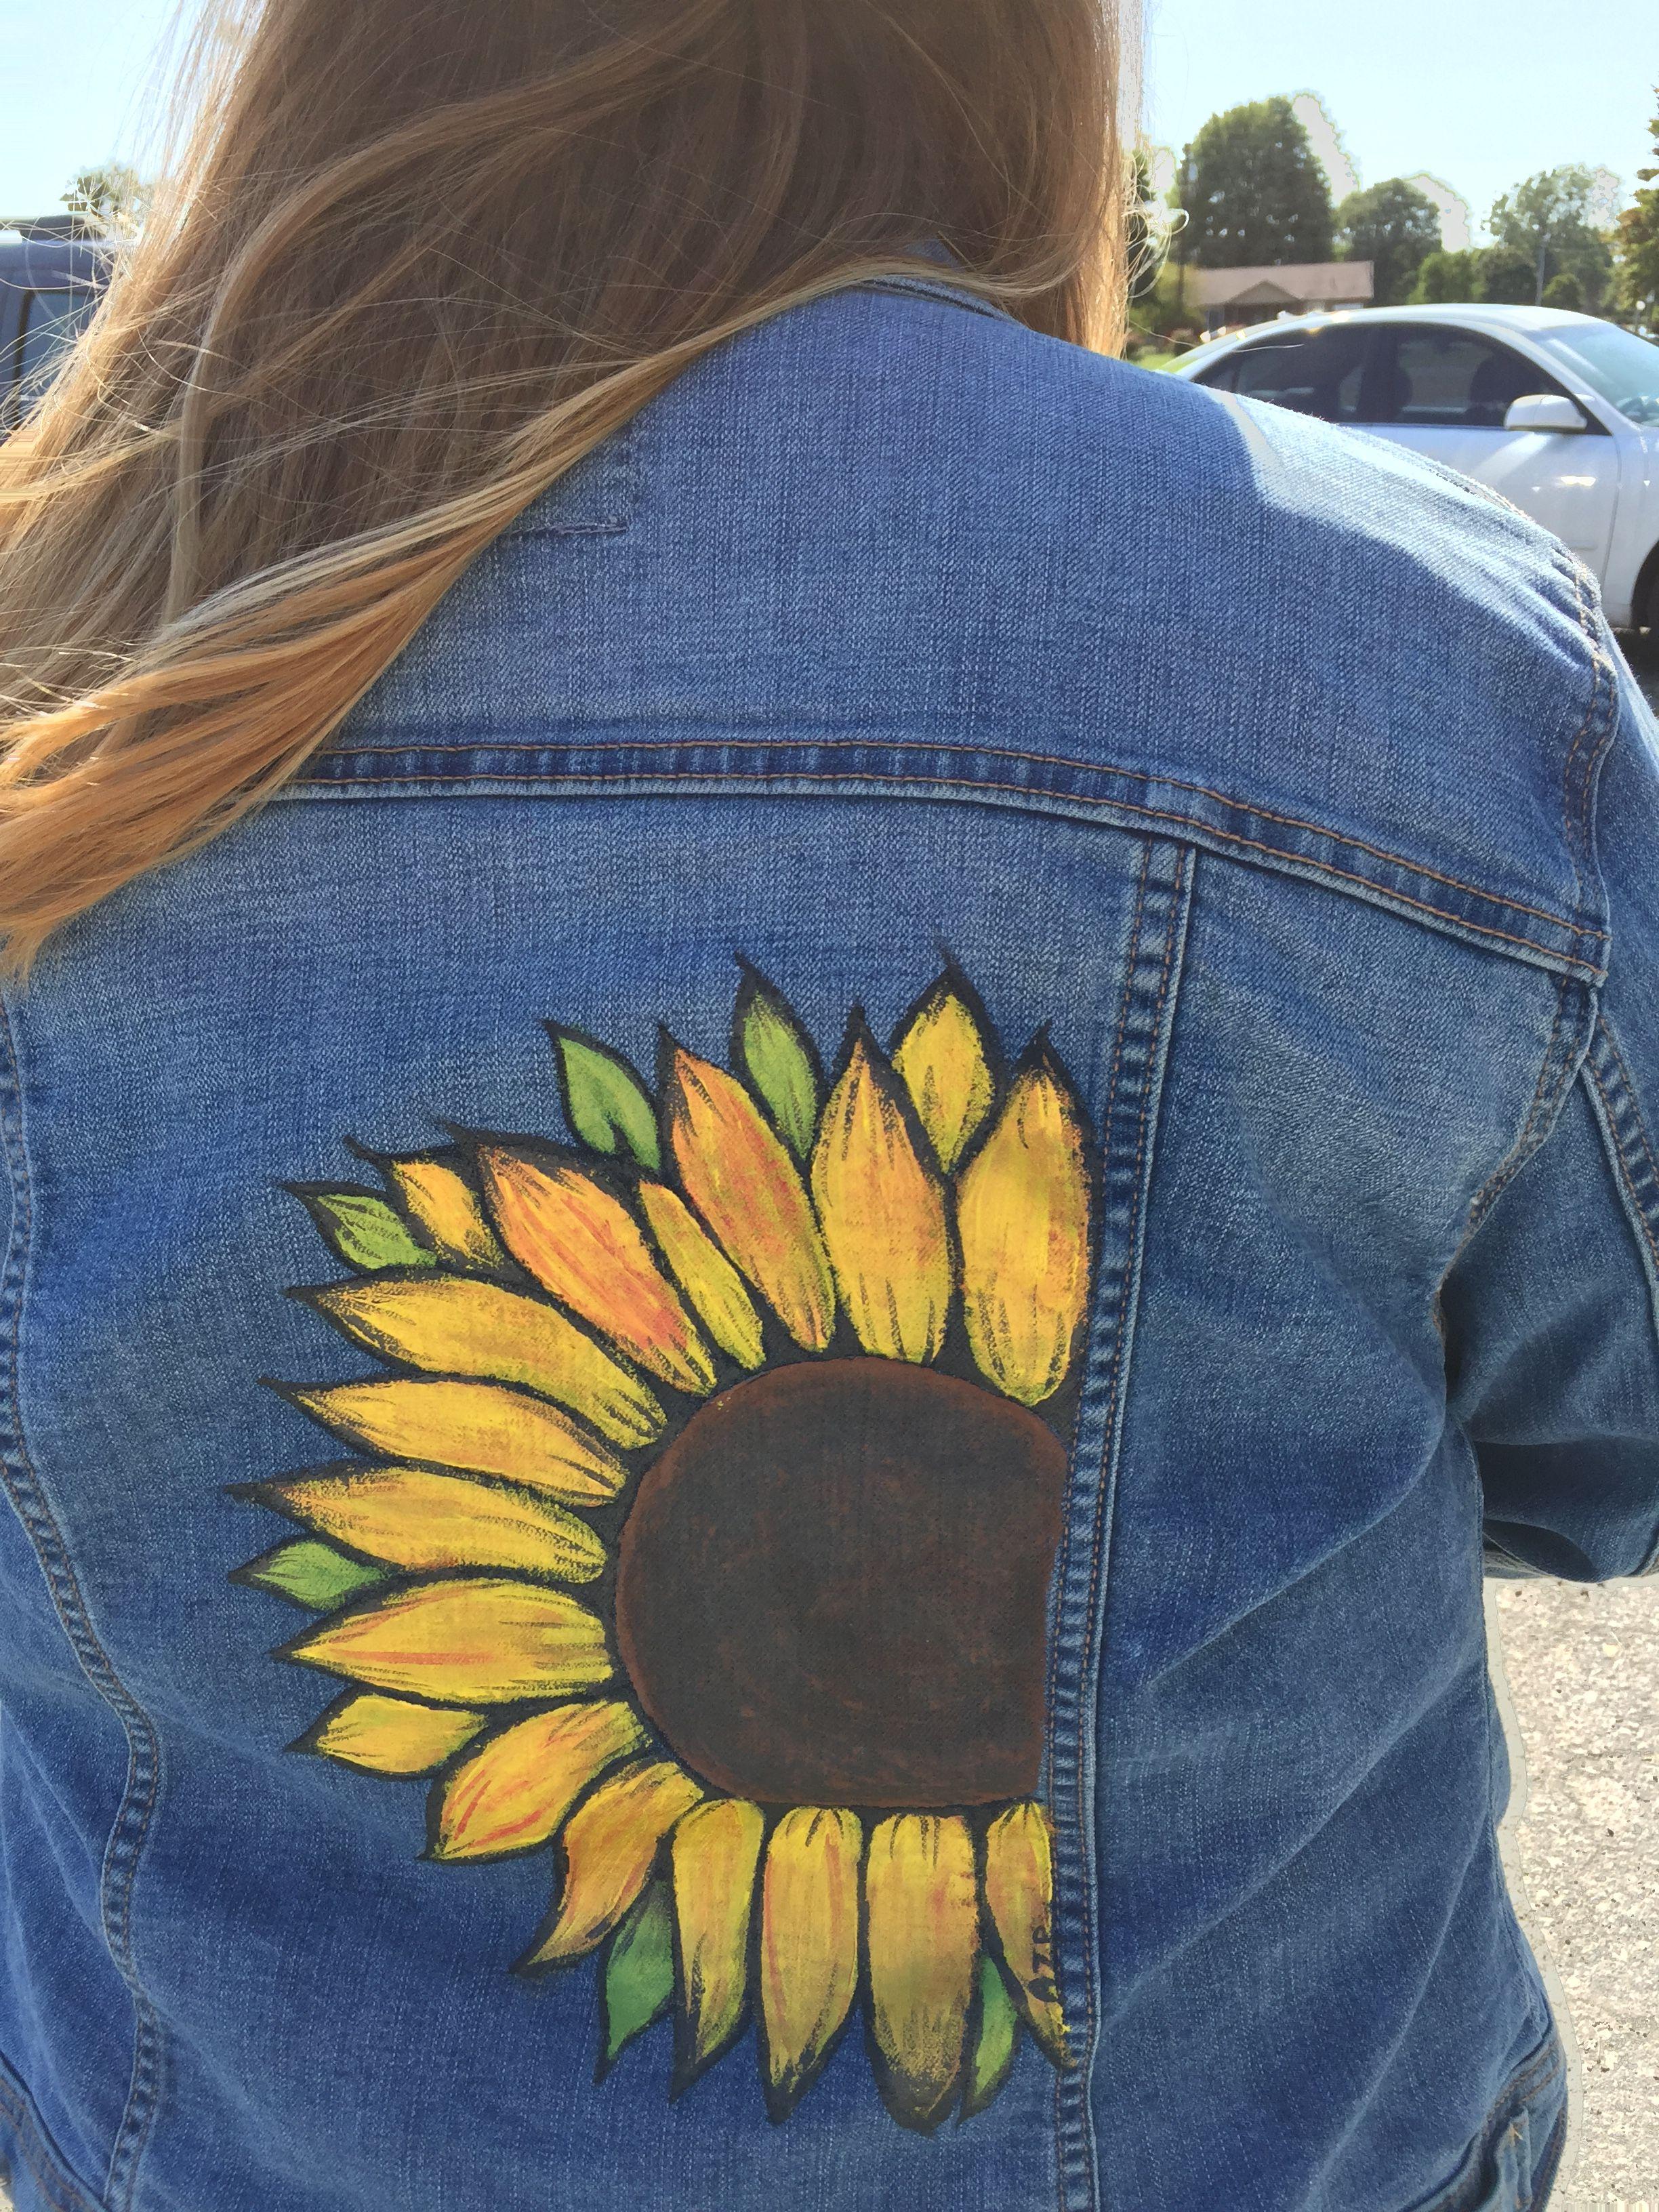 Unique Painted Sunflower Jeans Jacket Diy Denim Jacket Denim Jacket Diy Paint Painted Denim [ 3264 x 2448 Pixel ]